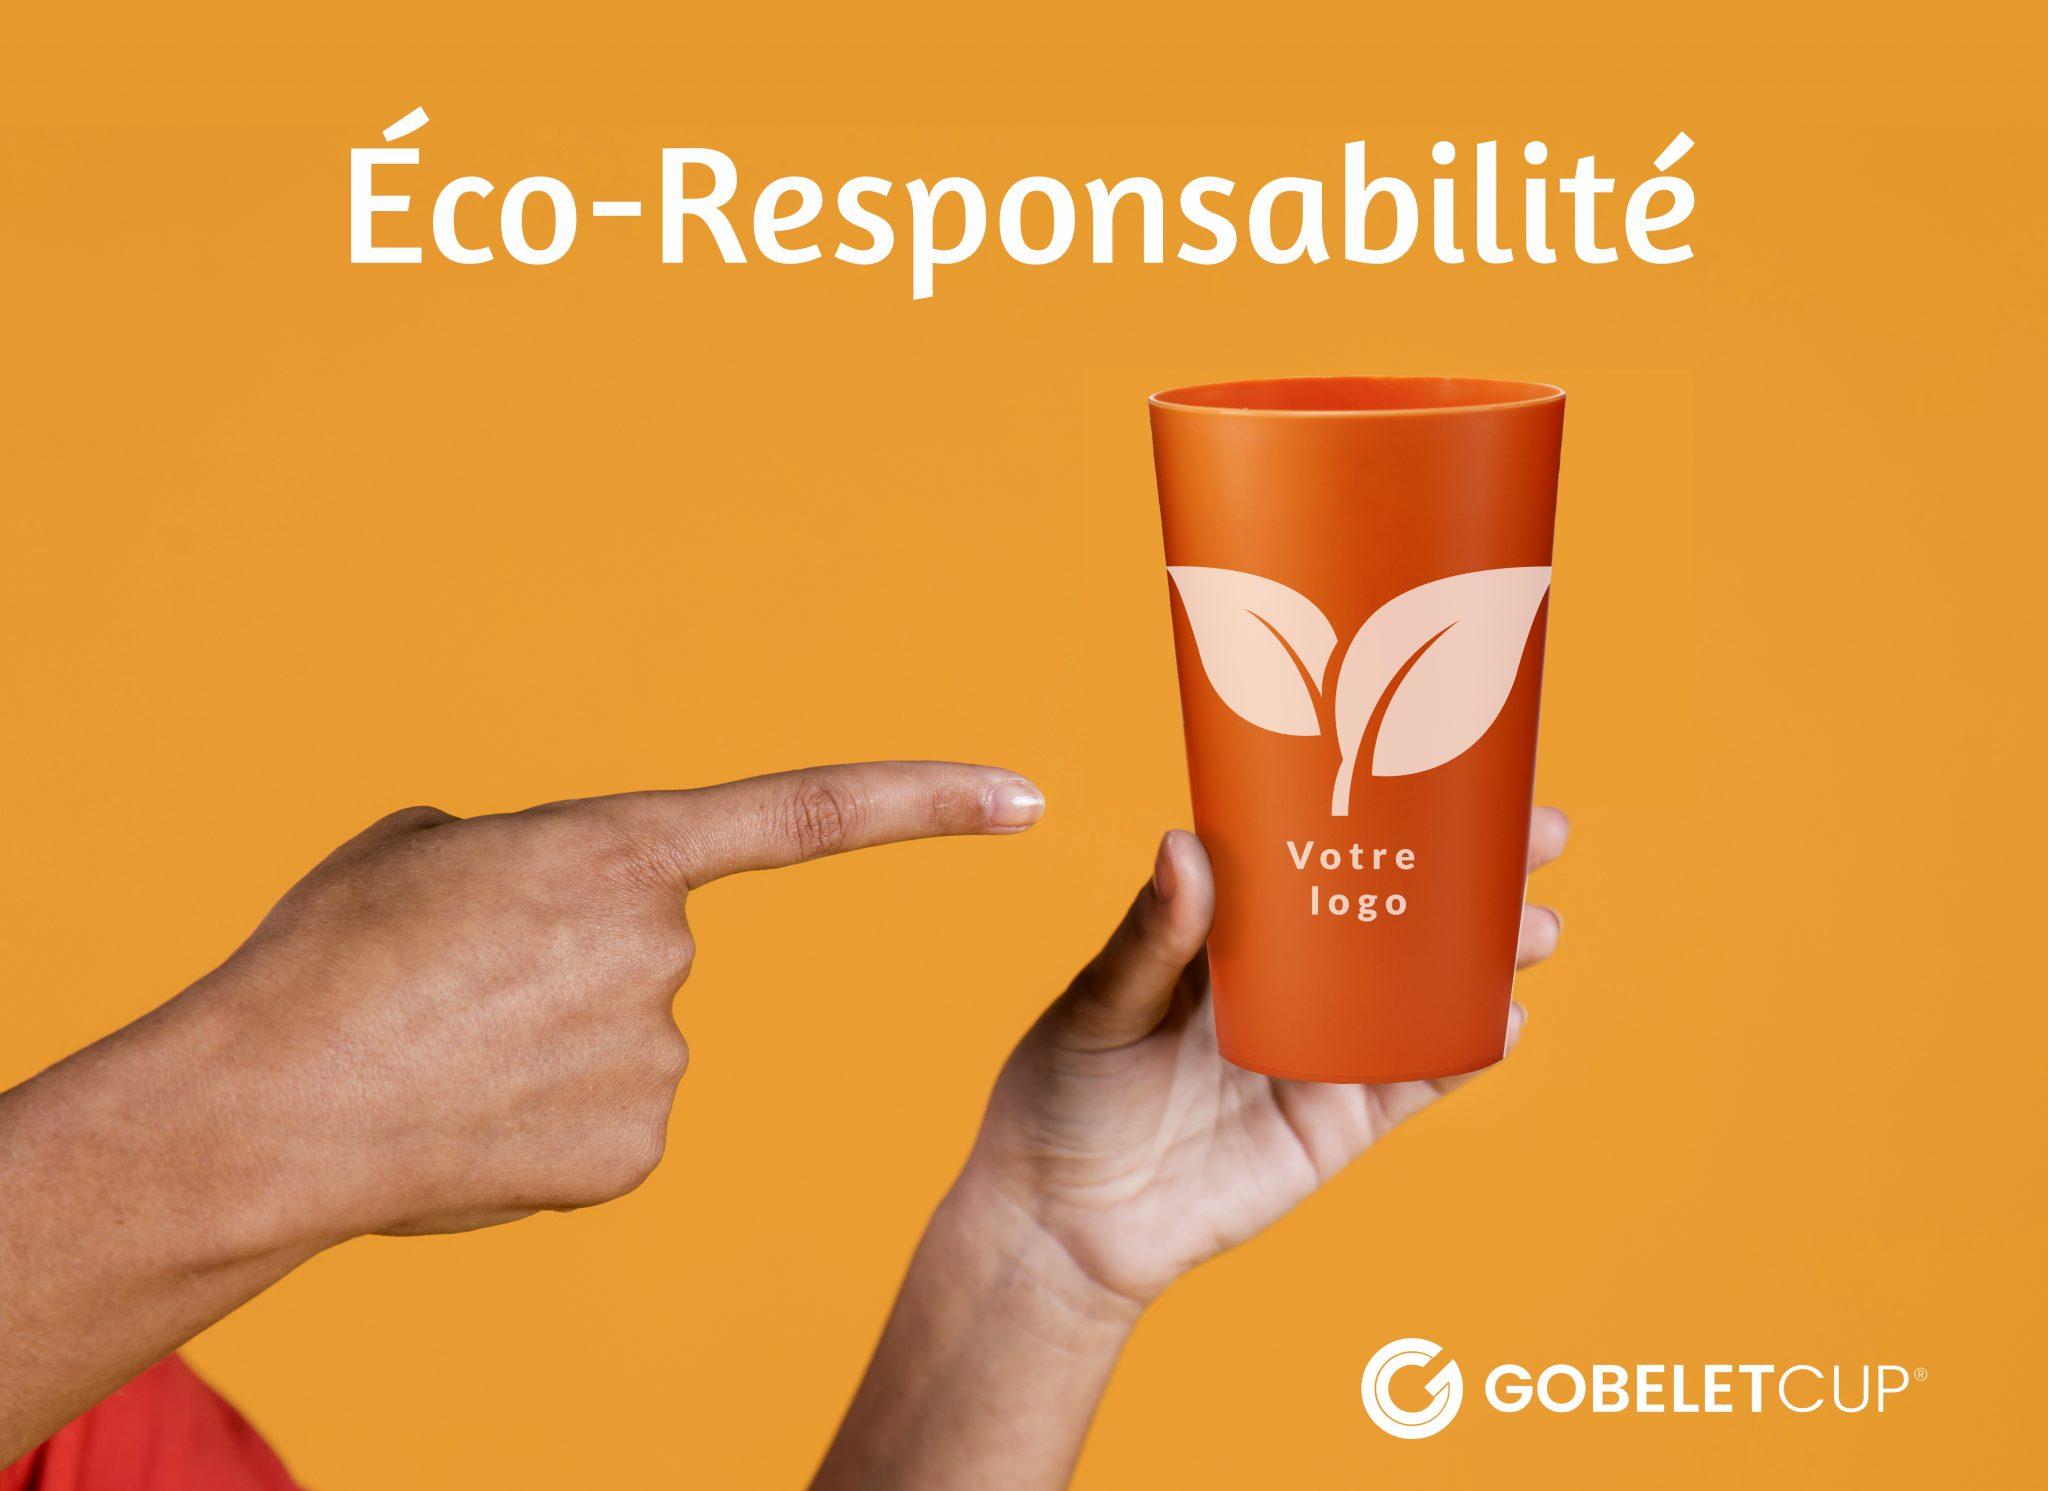 Gobelet cup eco responsable scaled - Gobelet réutilisable et personnalisé GOBELETCUP®